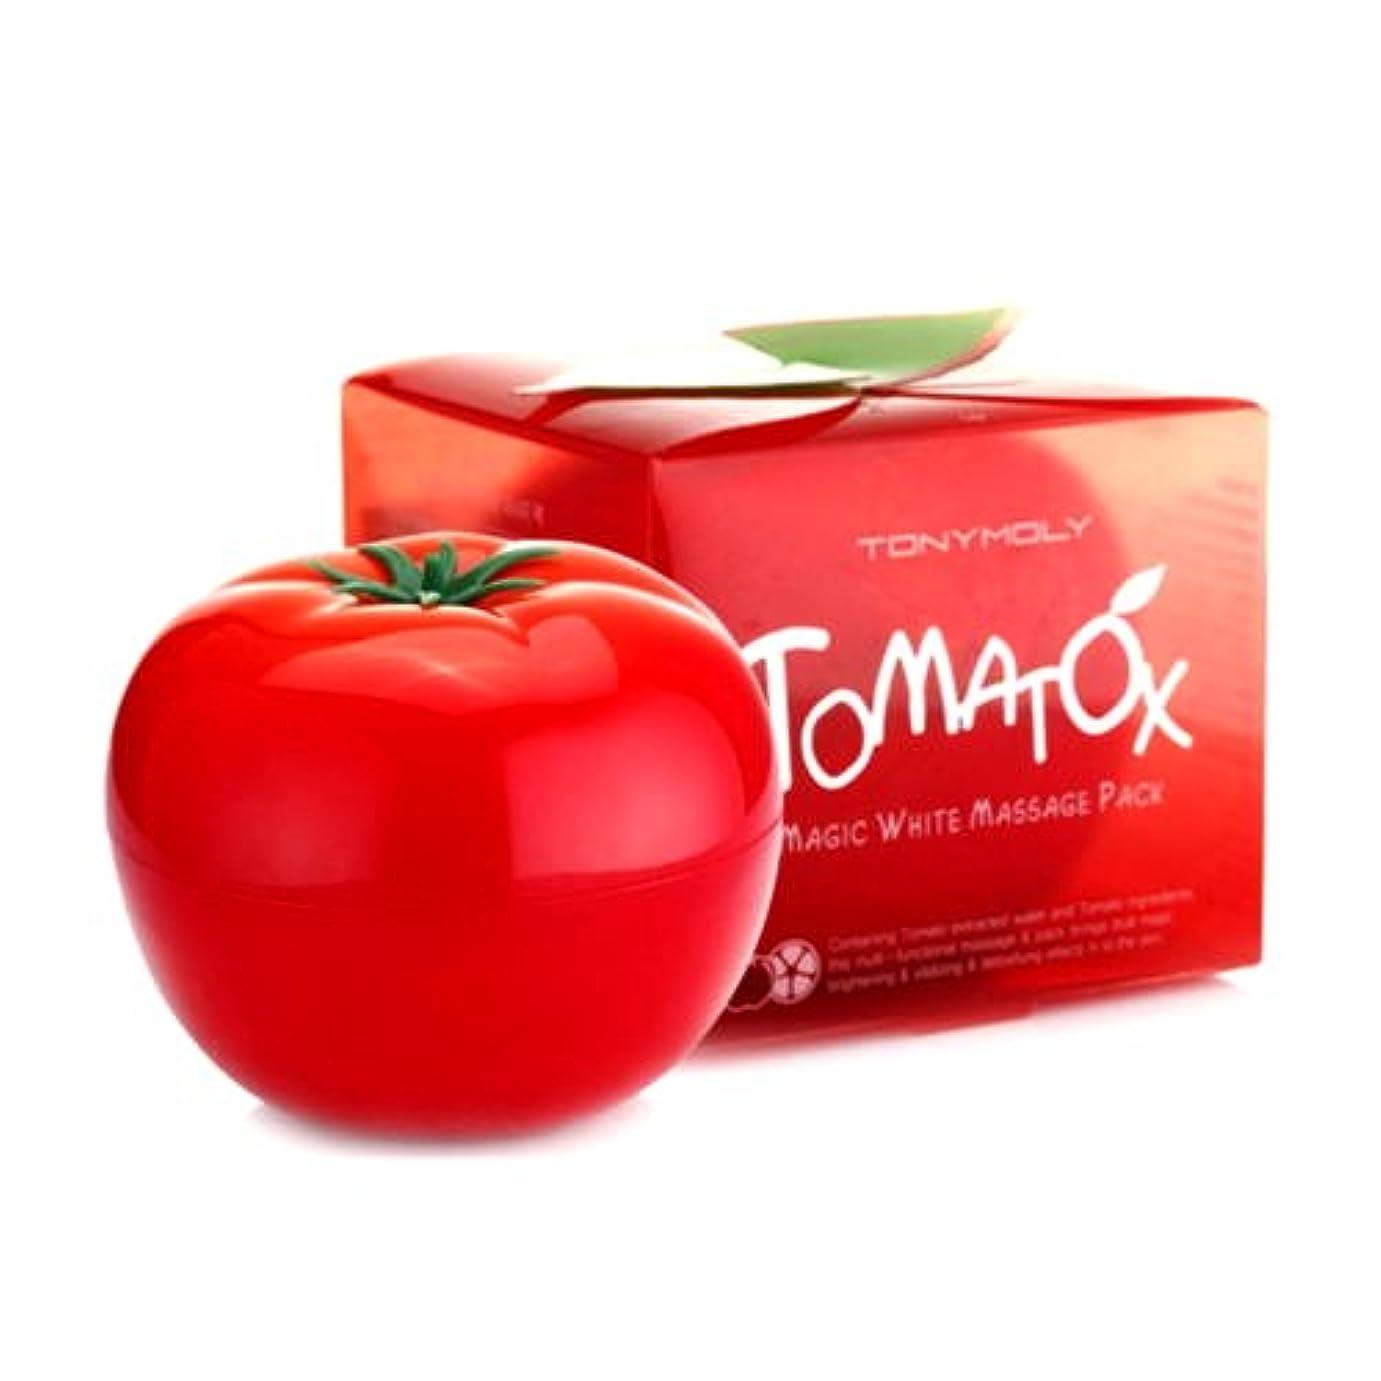 空気凝縮する提供された(6 Pack) TONYMOLY Tomatox Magic Massage Pack (並行輸入品)